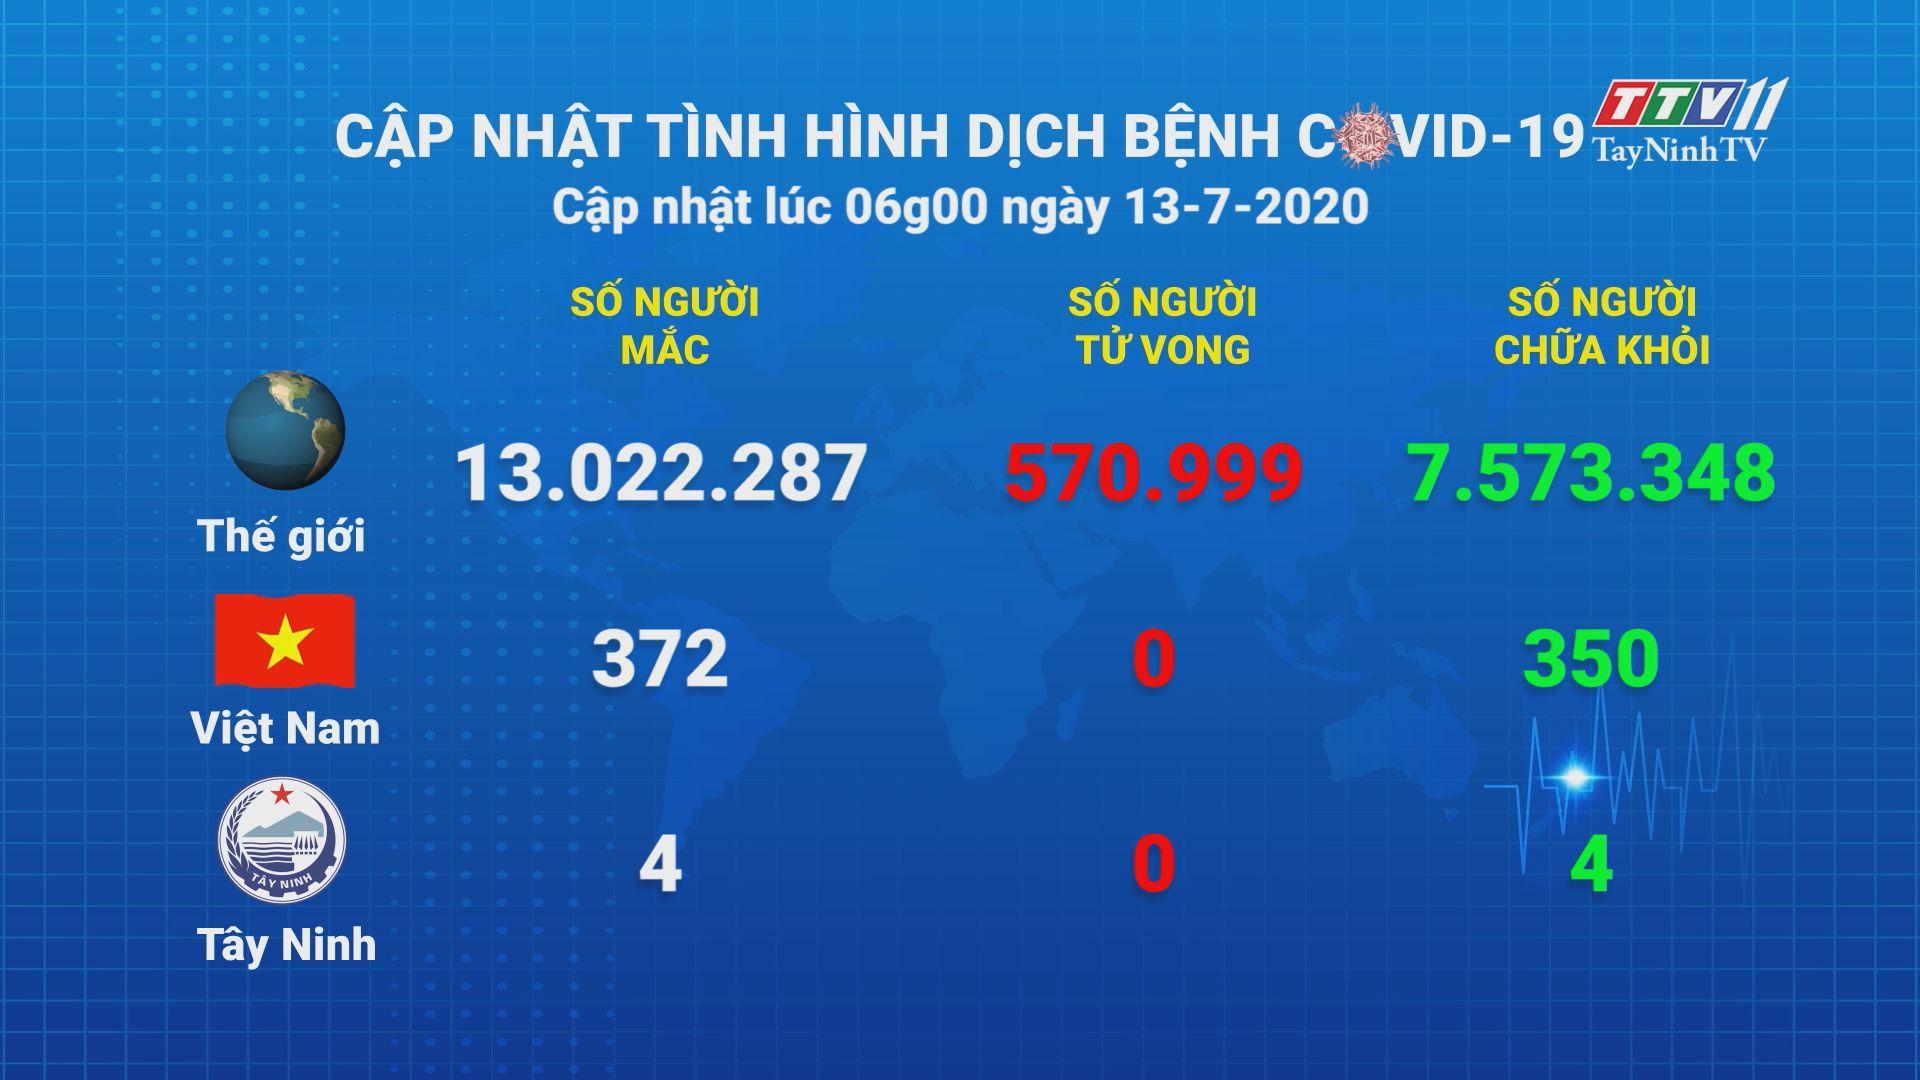 Cập nhật tình hình Covid-19 vào lúc 06 giờ 13-7-2020   Thông tin dịch Covid-19   TayNinhTV